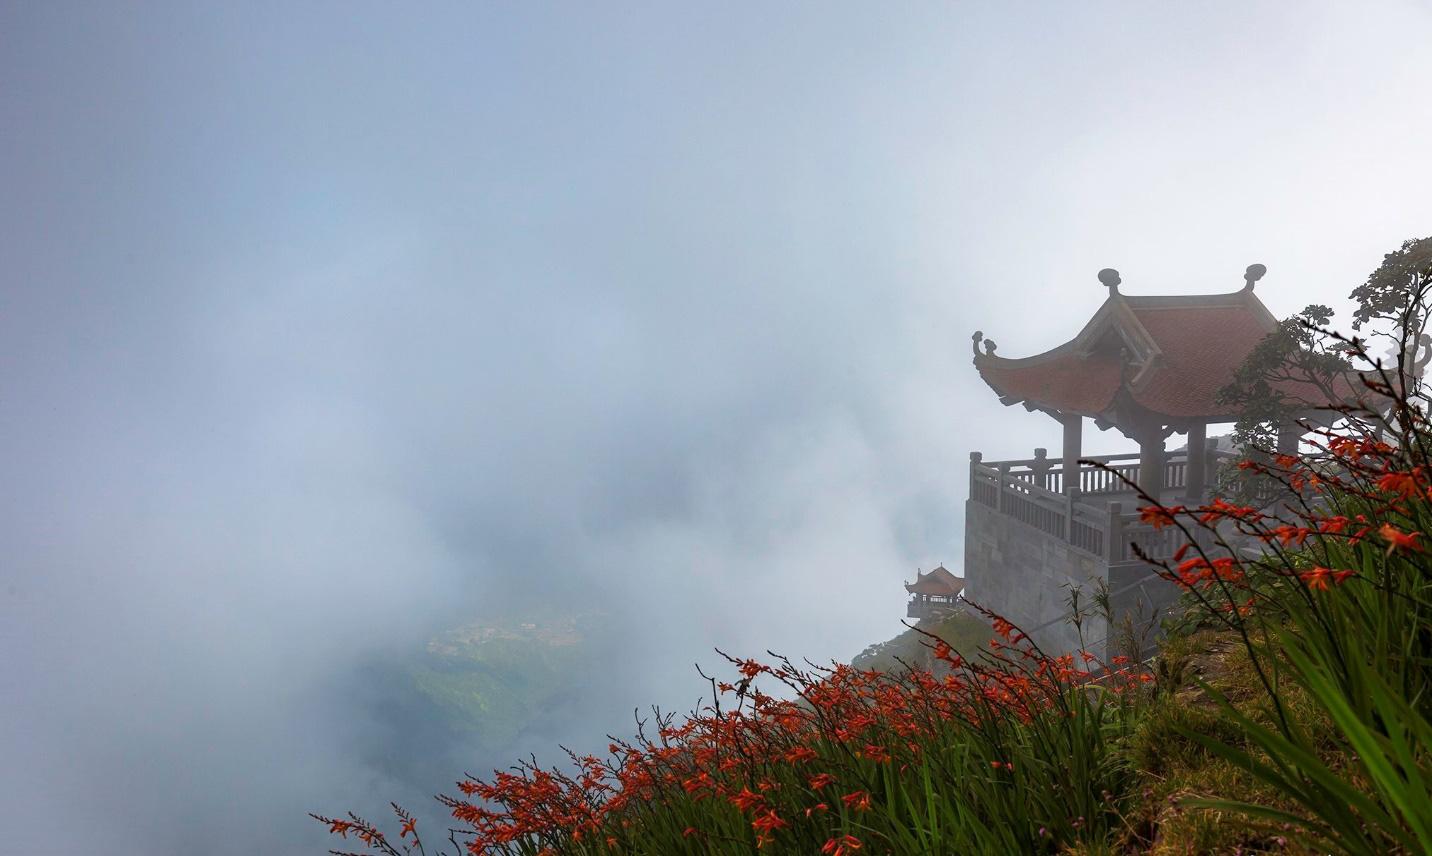 Mênh mông sắc vàng cam của hoa dơn lúa đẹp kiêu sa trên đỉnh Fansipan - Ảnh 6.